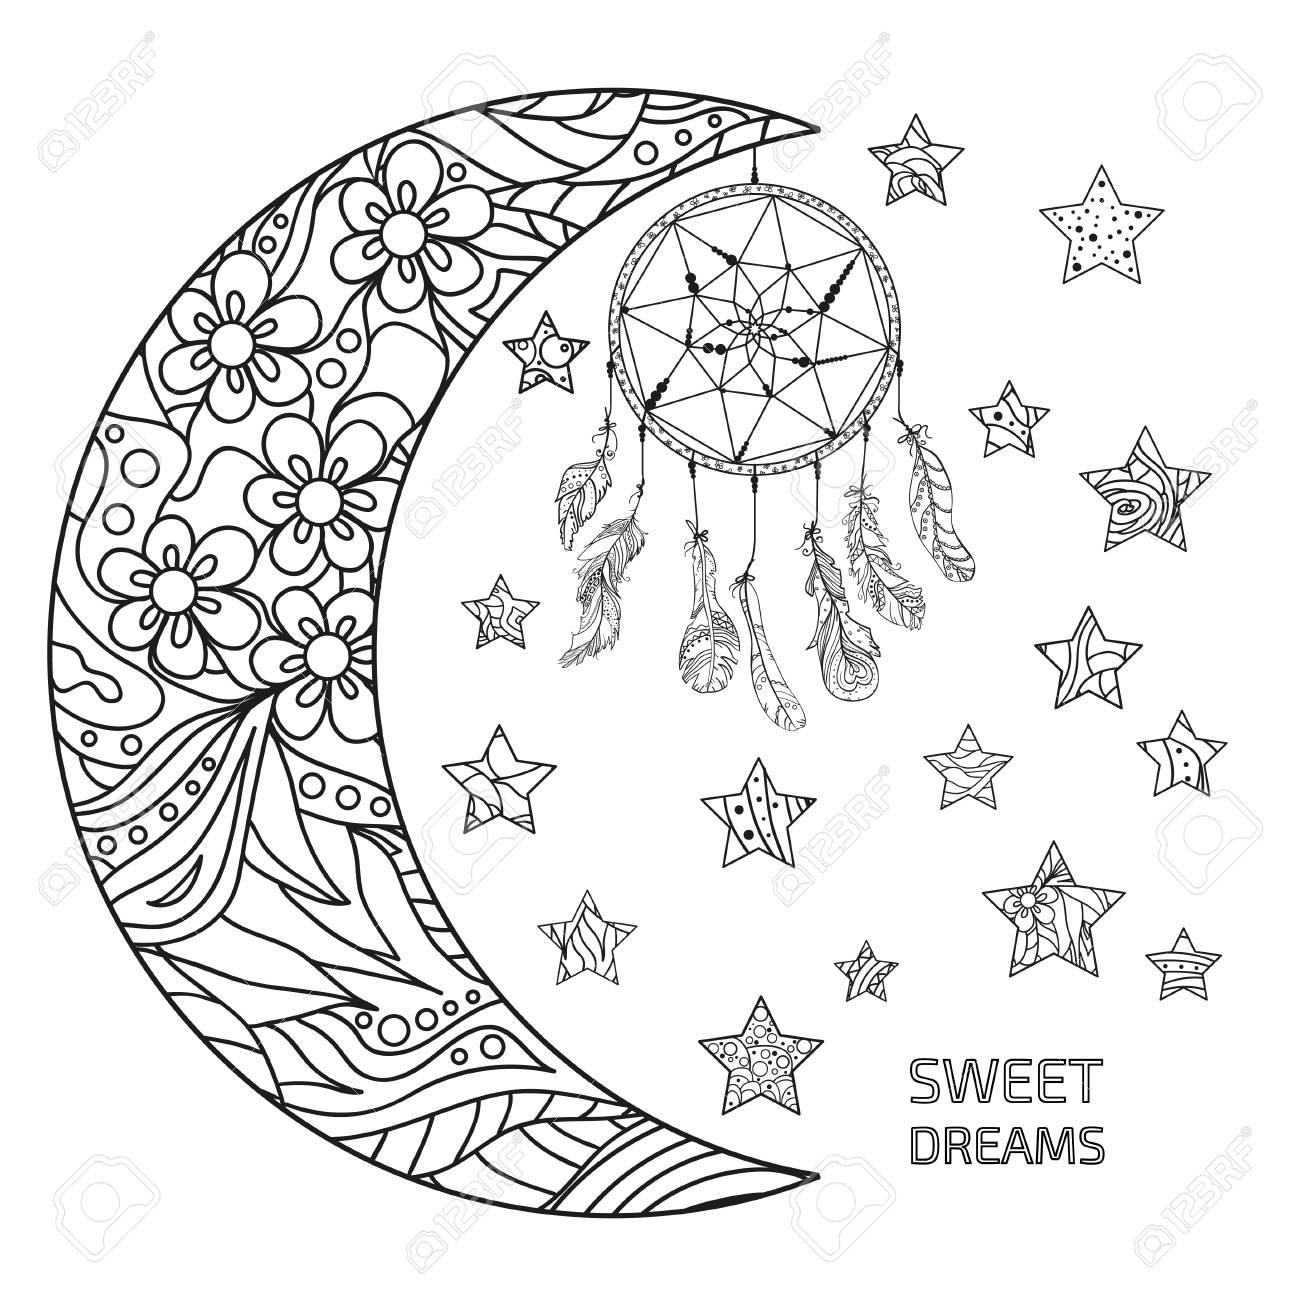 Media Luna Y Estrellas Atrapasueños Patrones Abstractos En El Fondo De Aislamiento Diseño Para La Relajación Espiritual Para Adultos Dulces